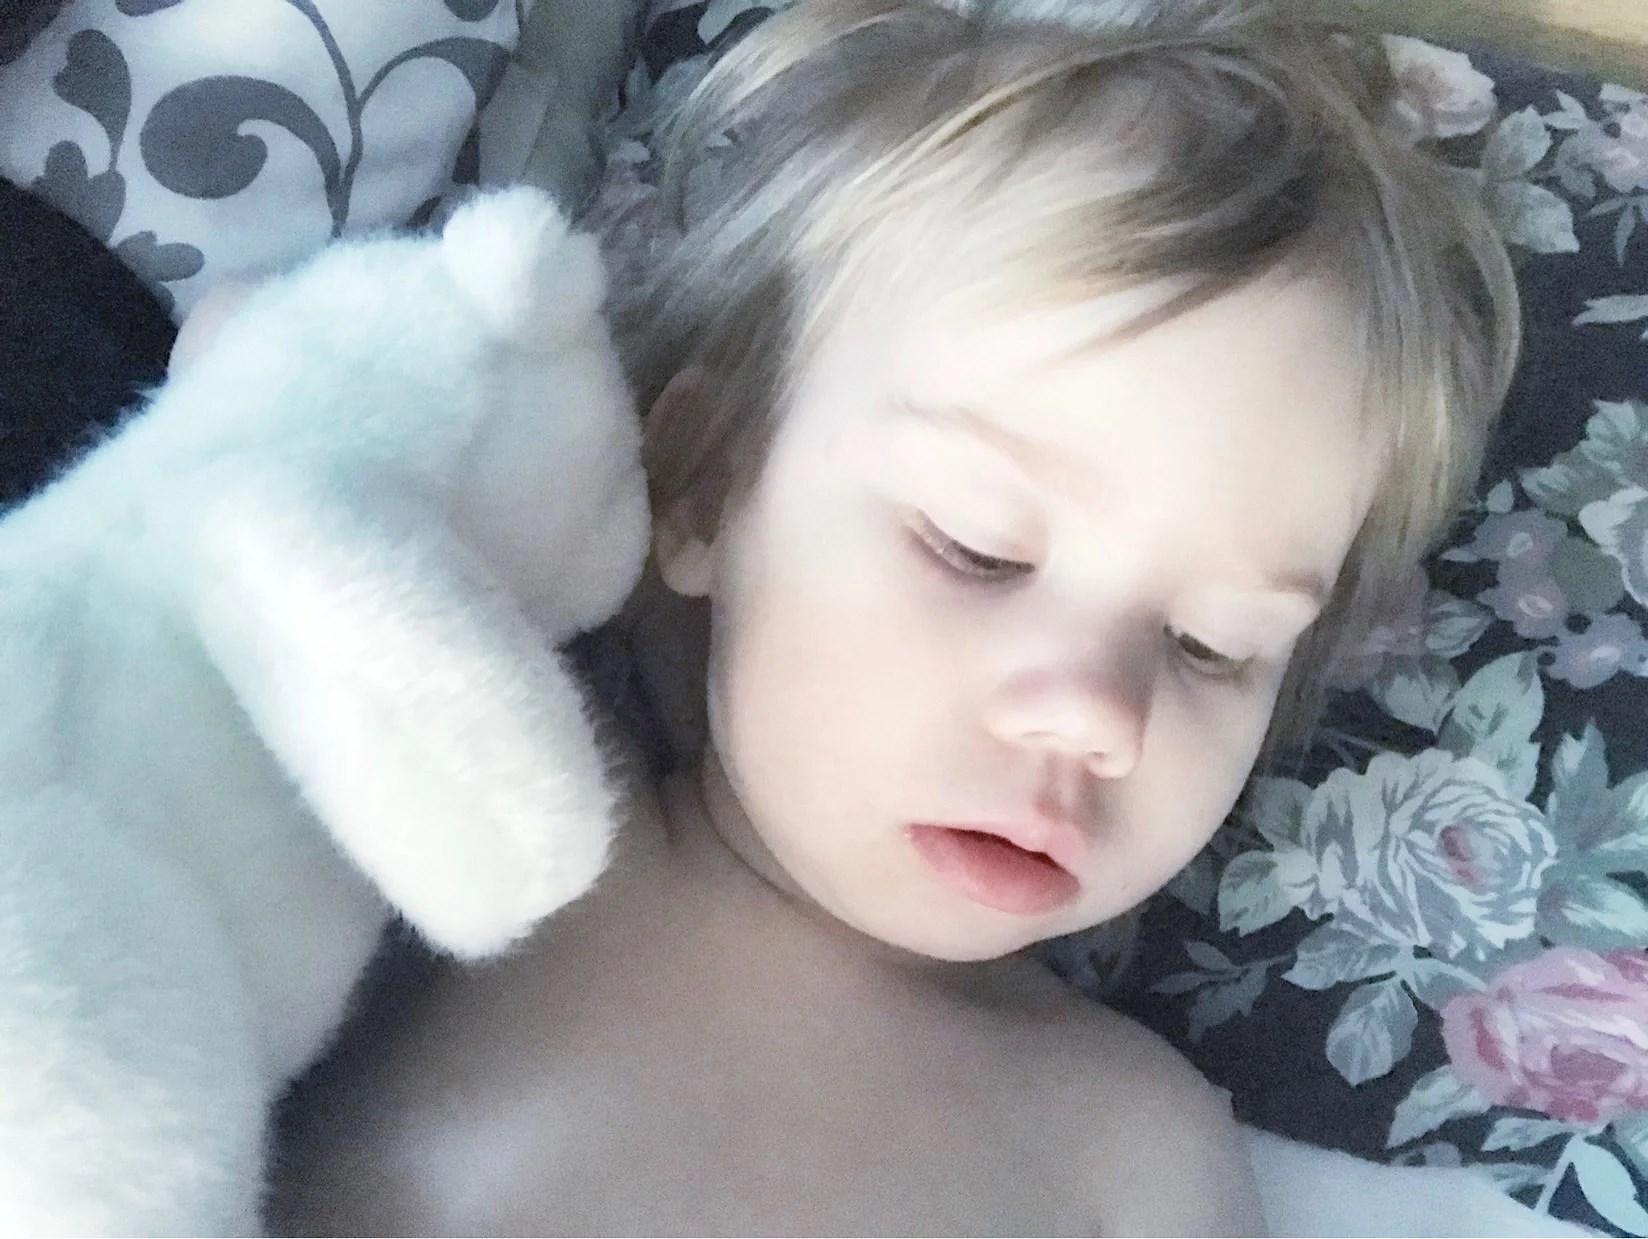 Somnade utan napp